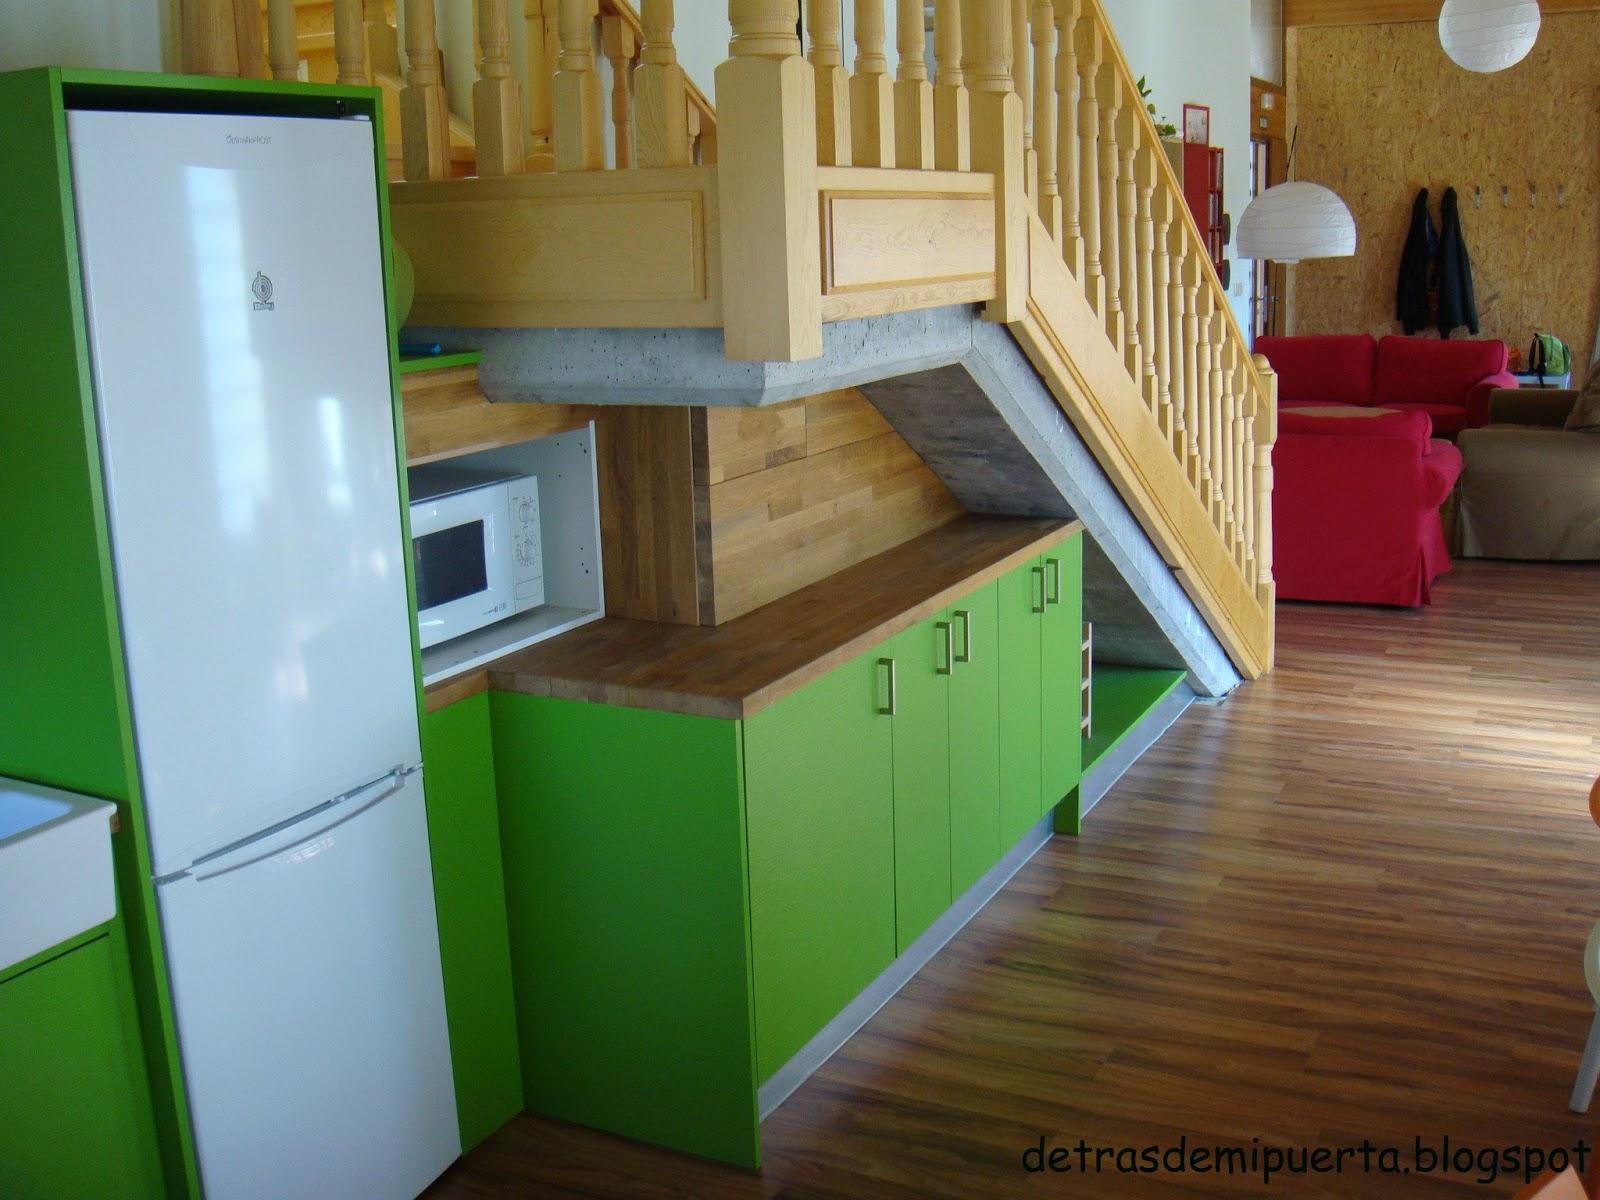 Detr s de mi puerta casa rural en chavaler soria for Cocinas debajo de las escaleras